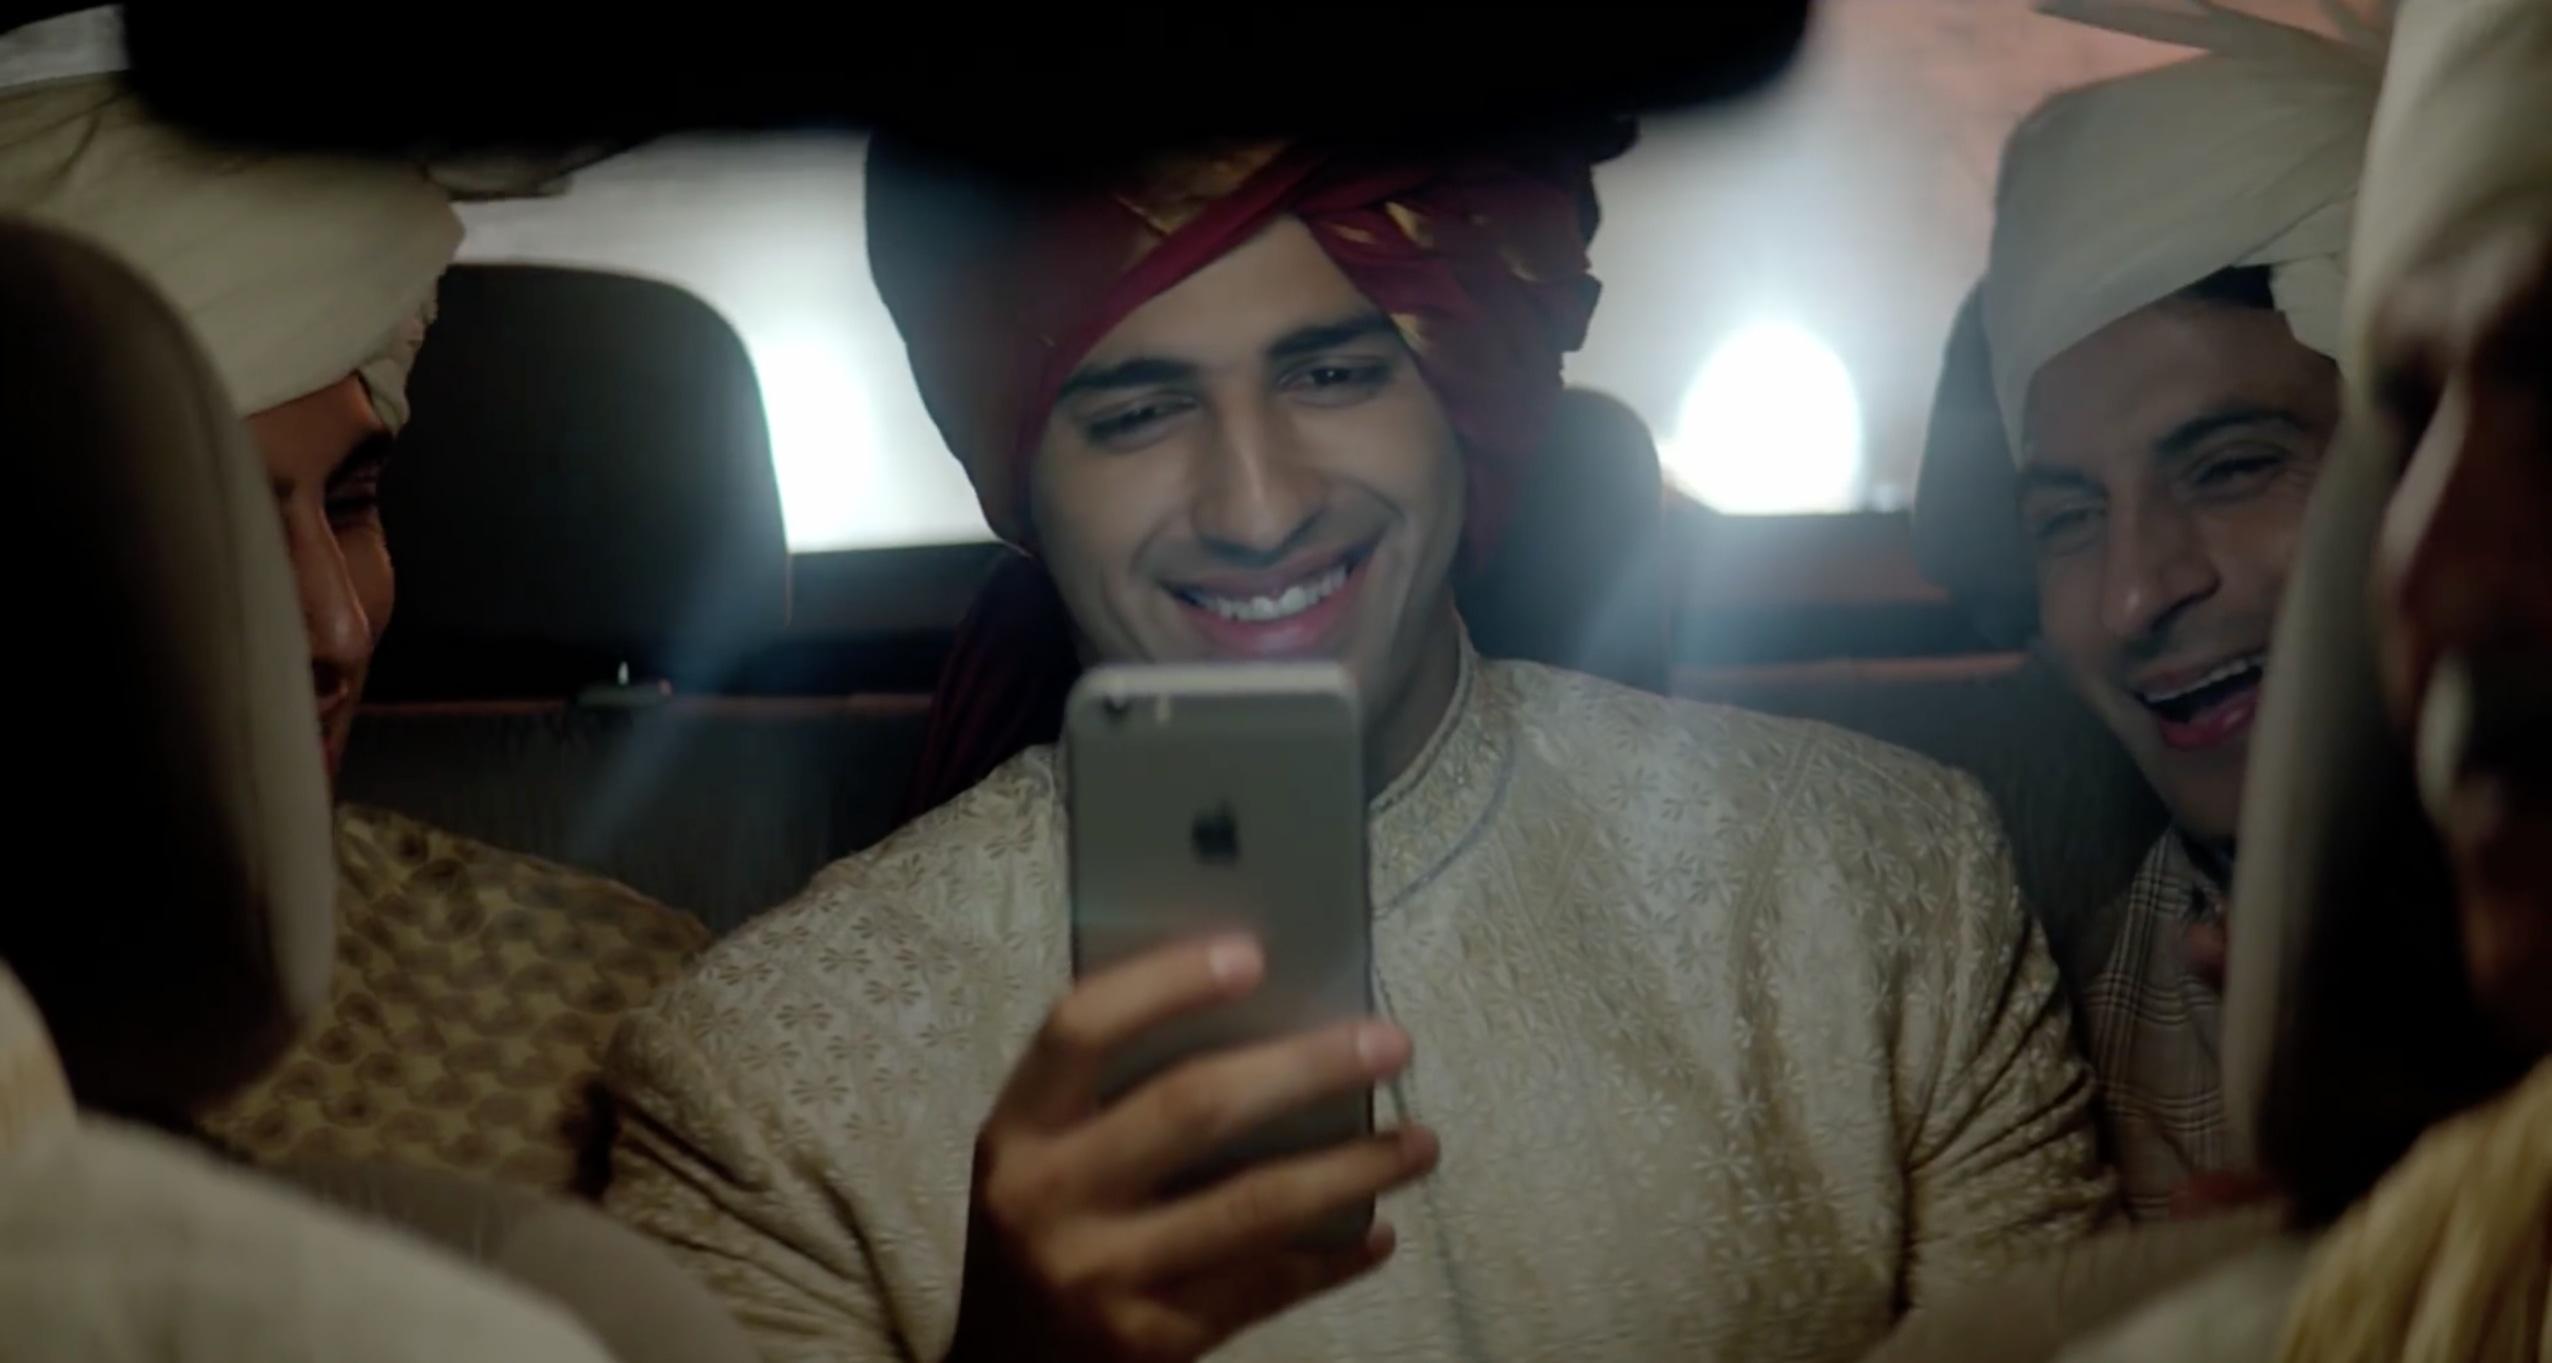 Comercial do iPhone 6 na Índia